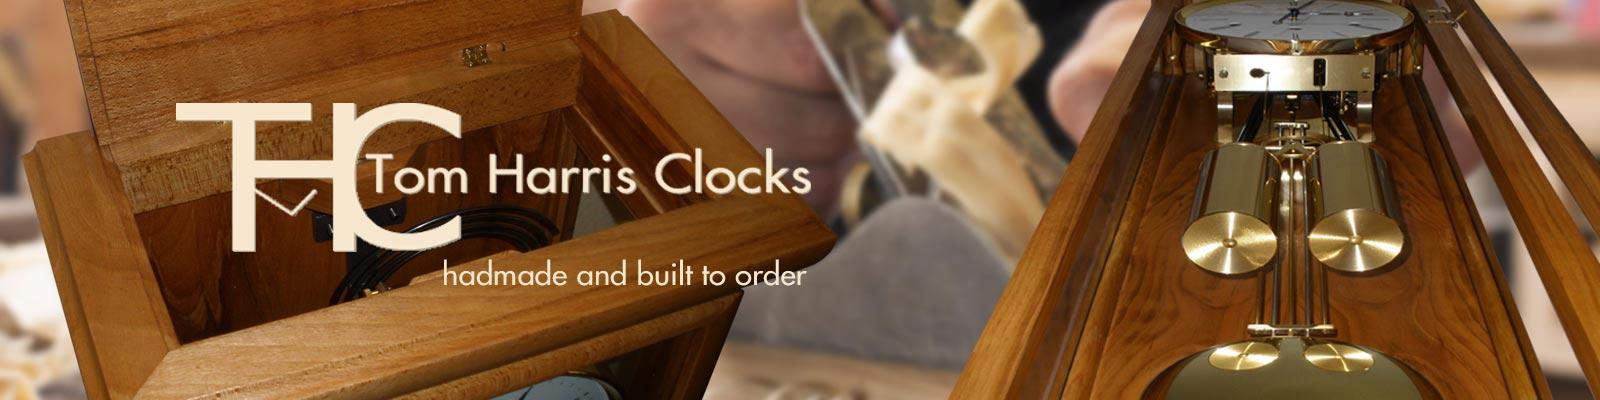 Tom Harris Clocks - Handmade Clocks